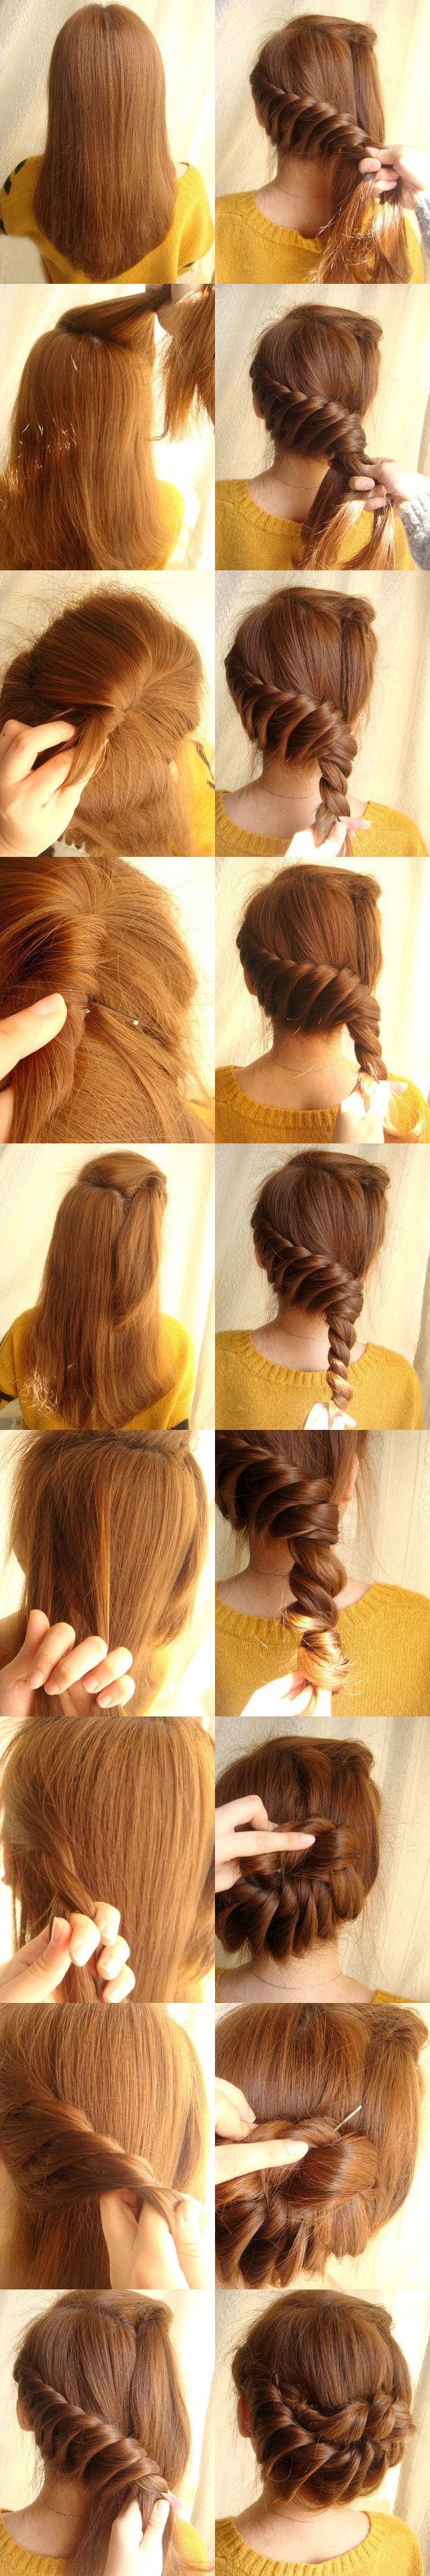 tutorial tresse coiffure romantique femme